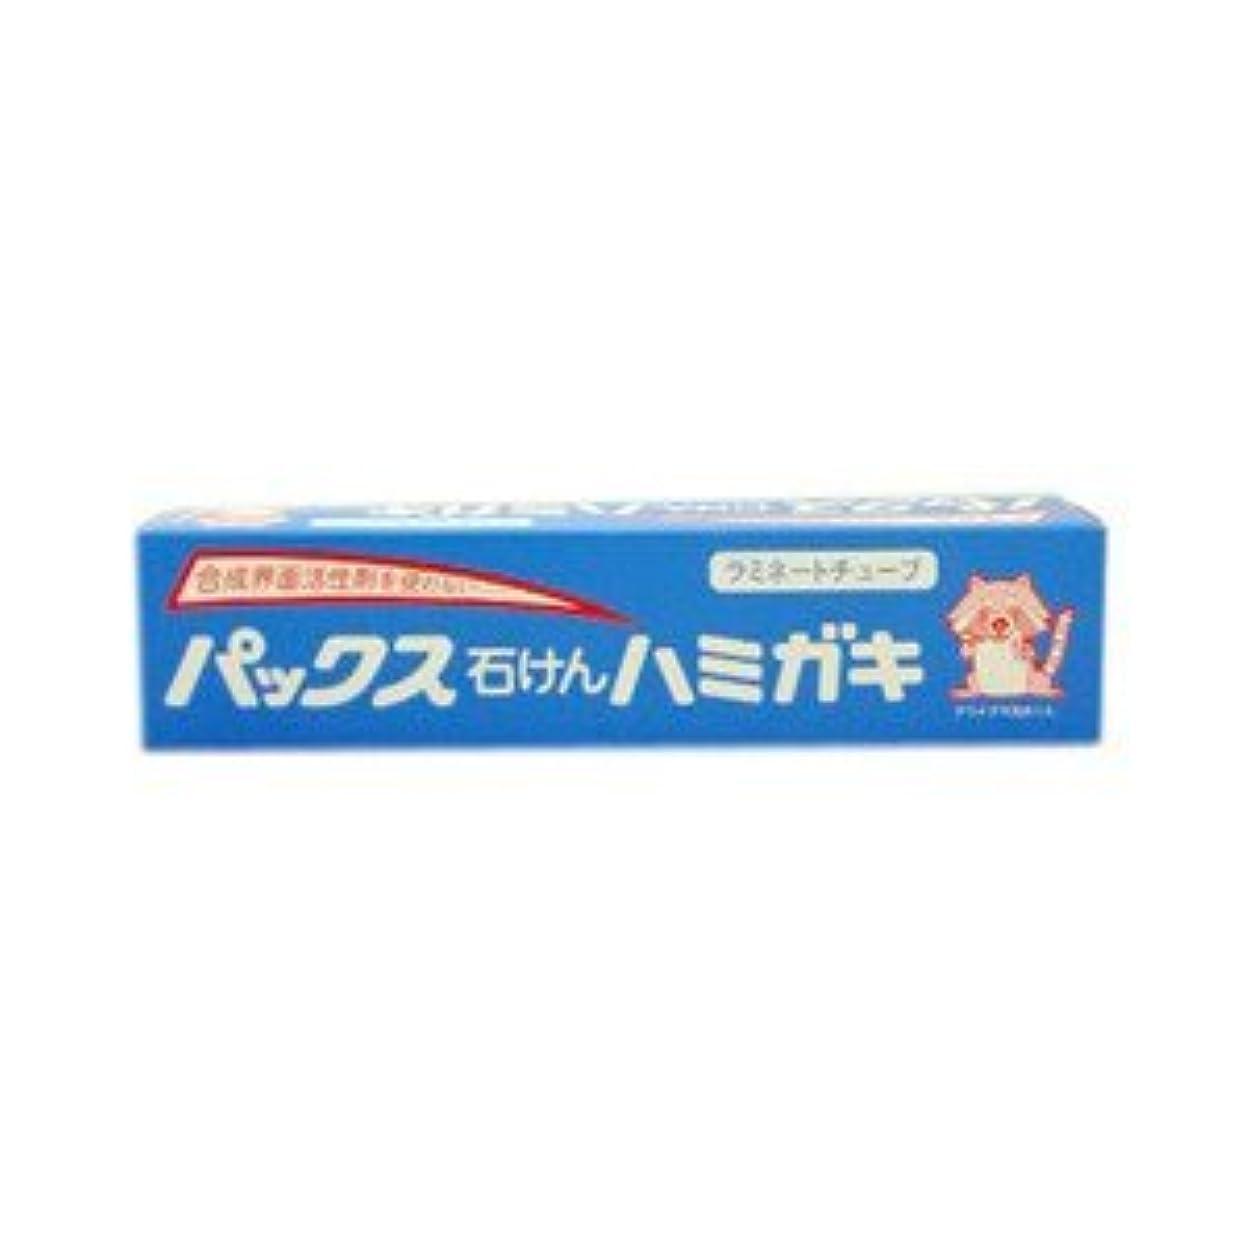 〔ムソー/パックス〕石けんハミガキ 140g 13セット【64404】